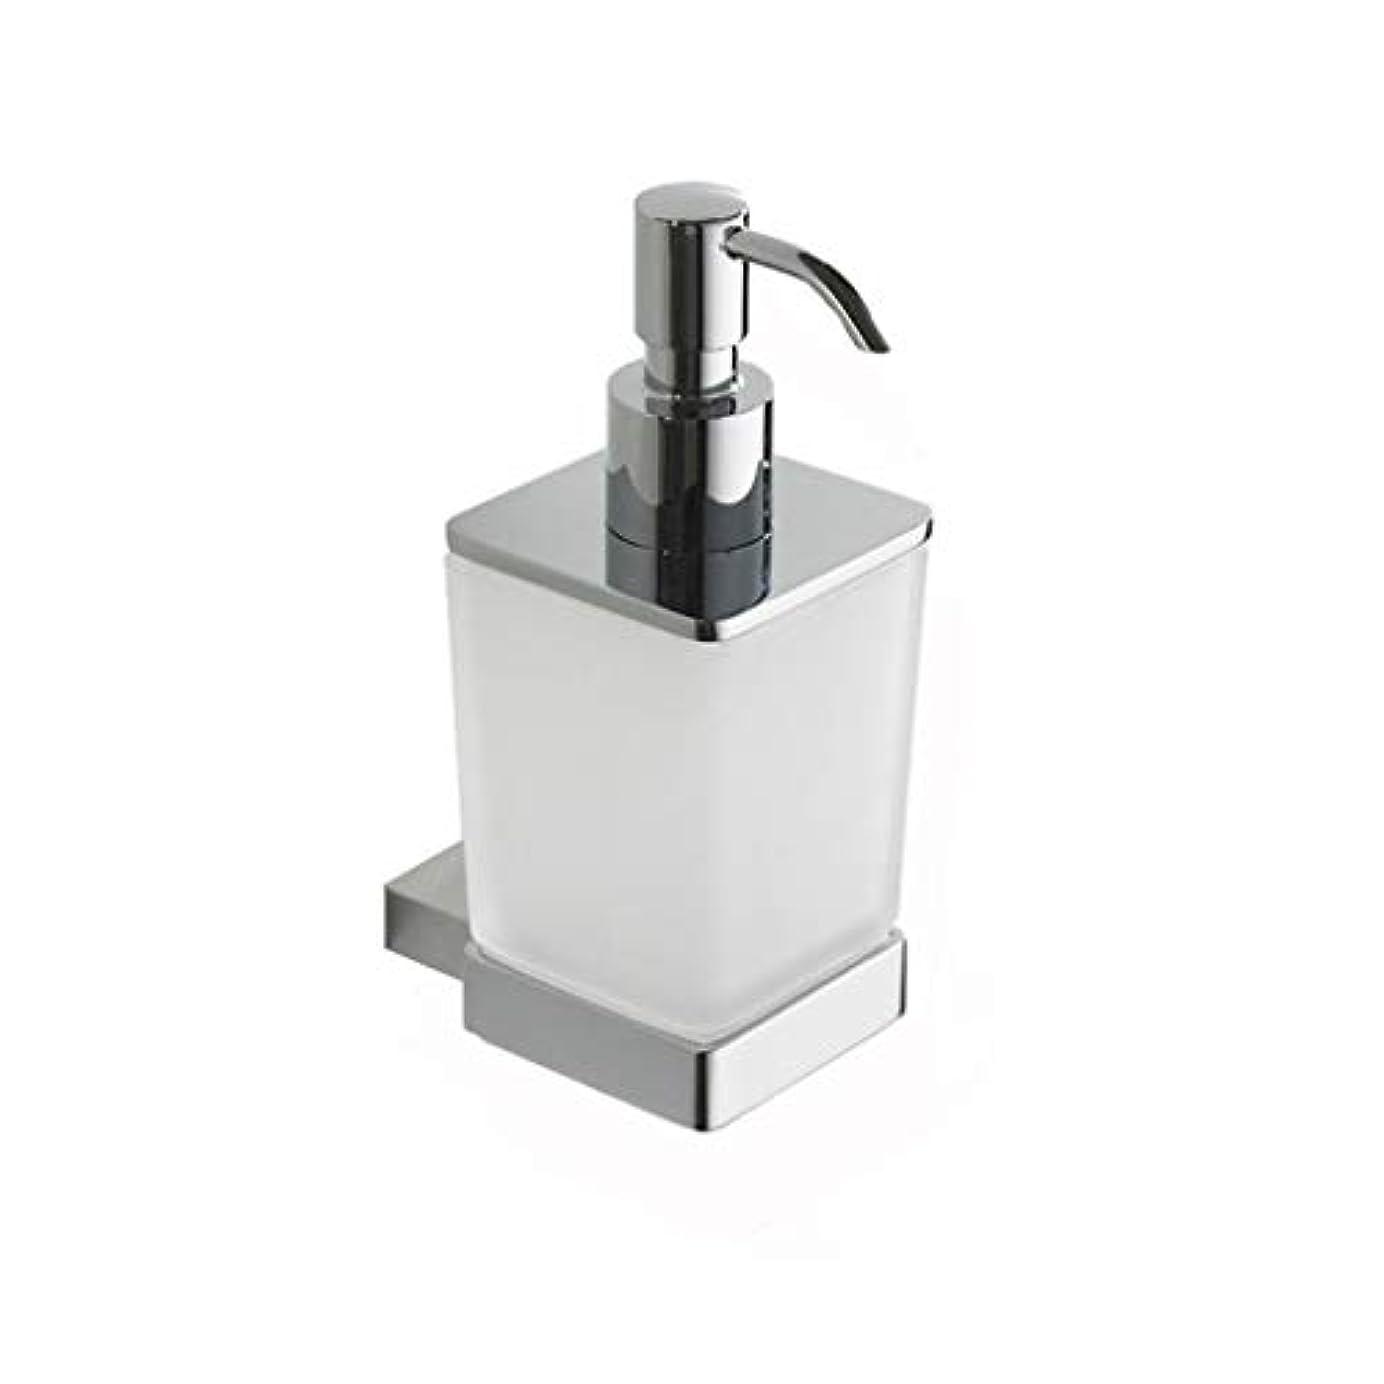 とても優越意図的Kylinssh 、浴室のための金属の詰め替え式液体手の石鹸ディスペンサーポンプボトル - 安い、ディスカウント価格また手の消毒剤及び精油のために使用することができます